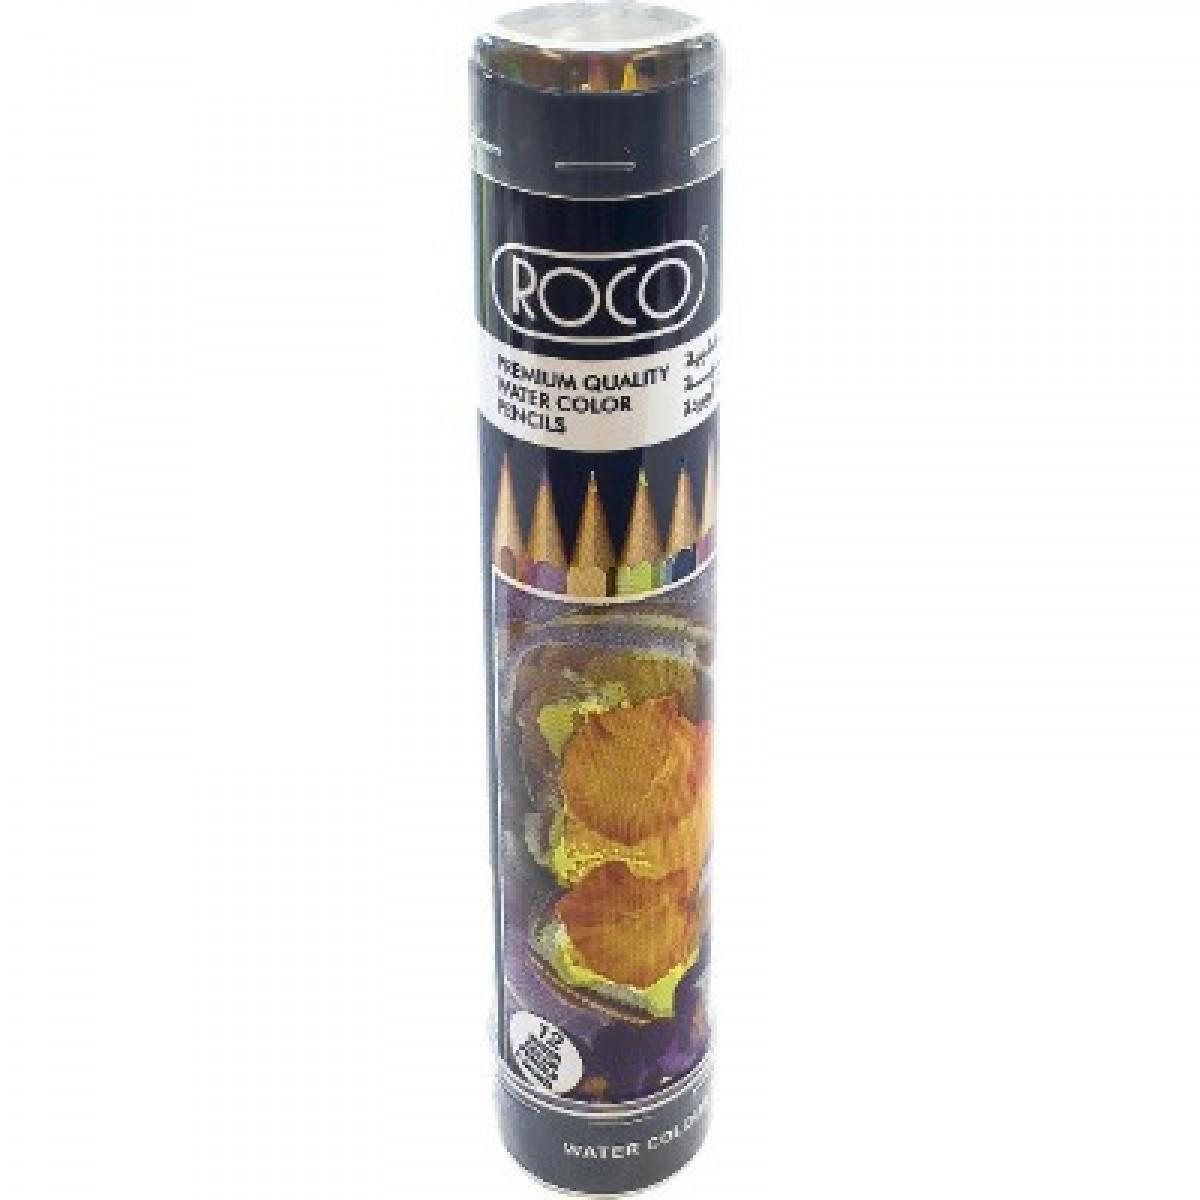 اقلام تلوين خشبية  مائية روكو مع فرشاة   - 12  قلم تلوين